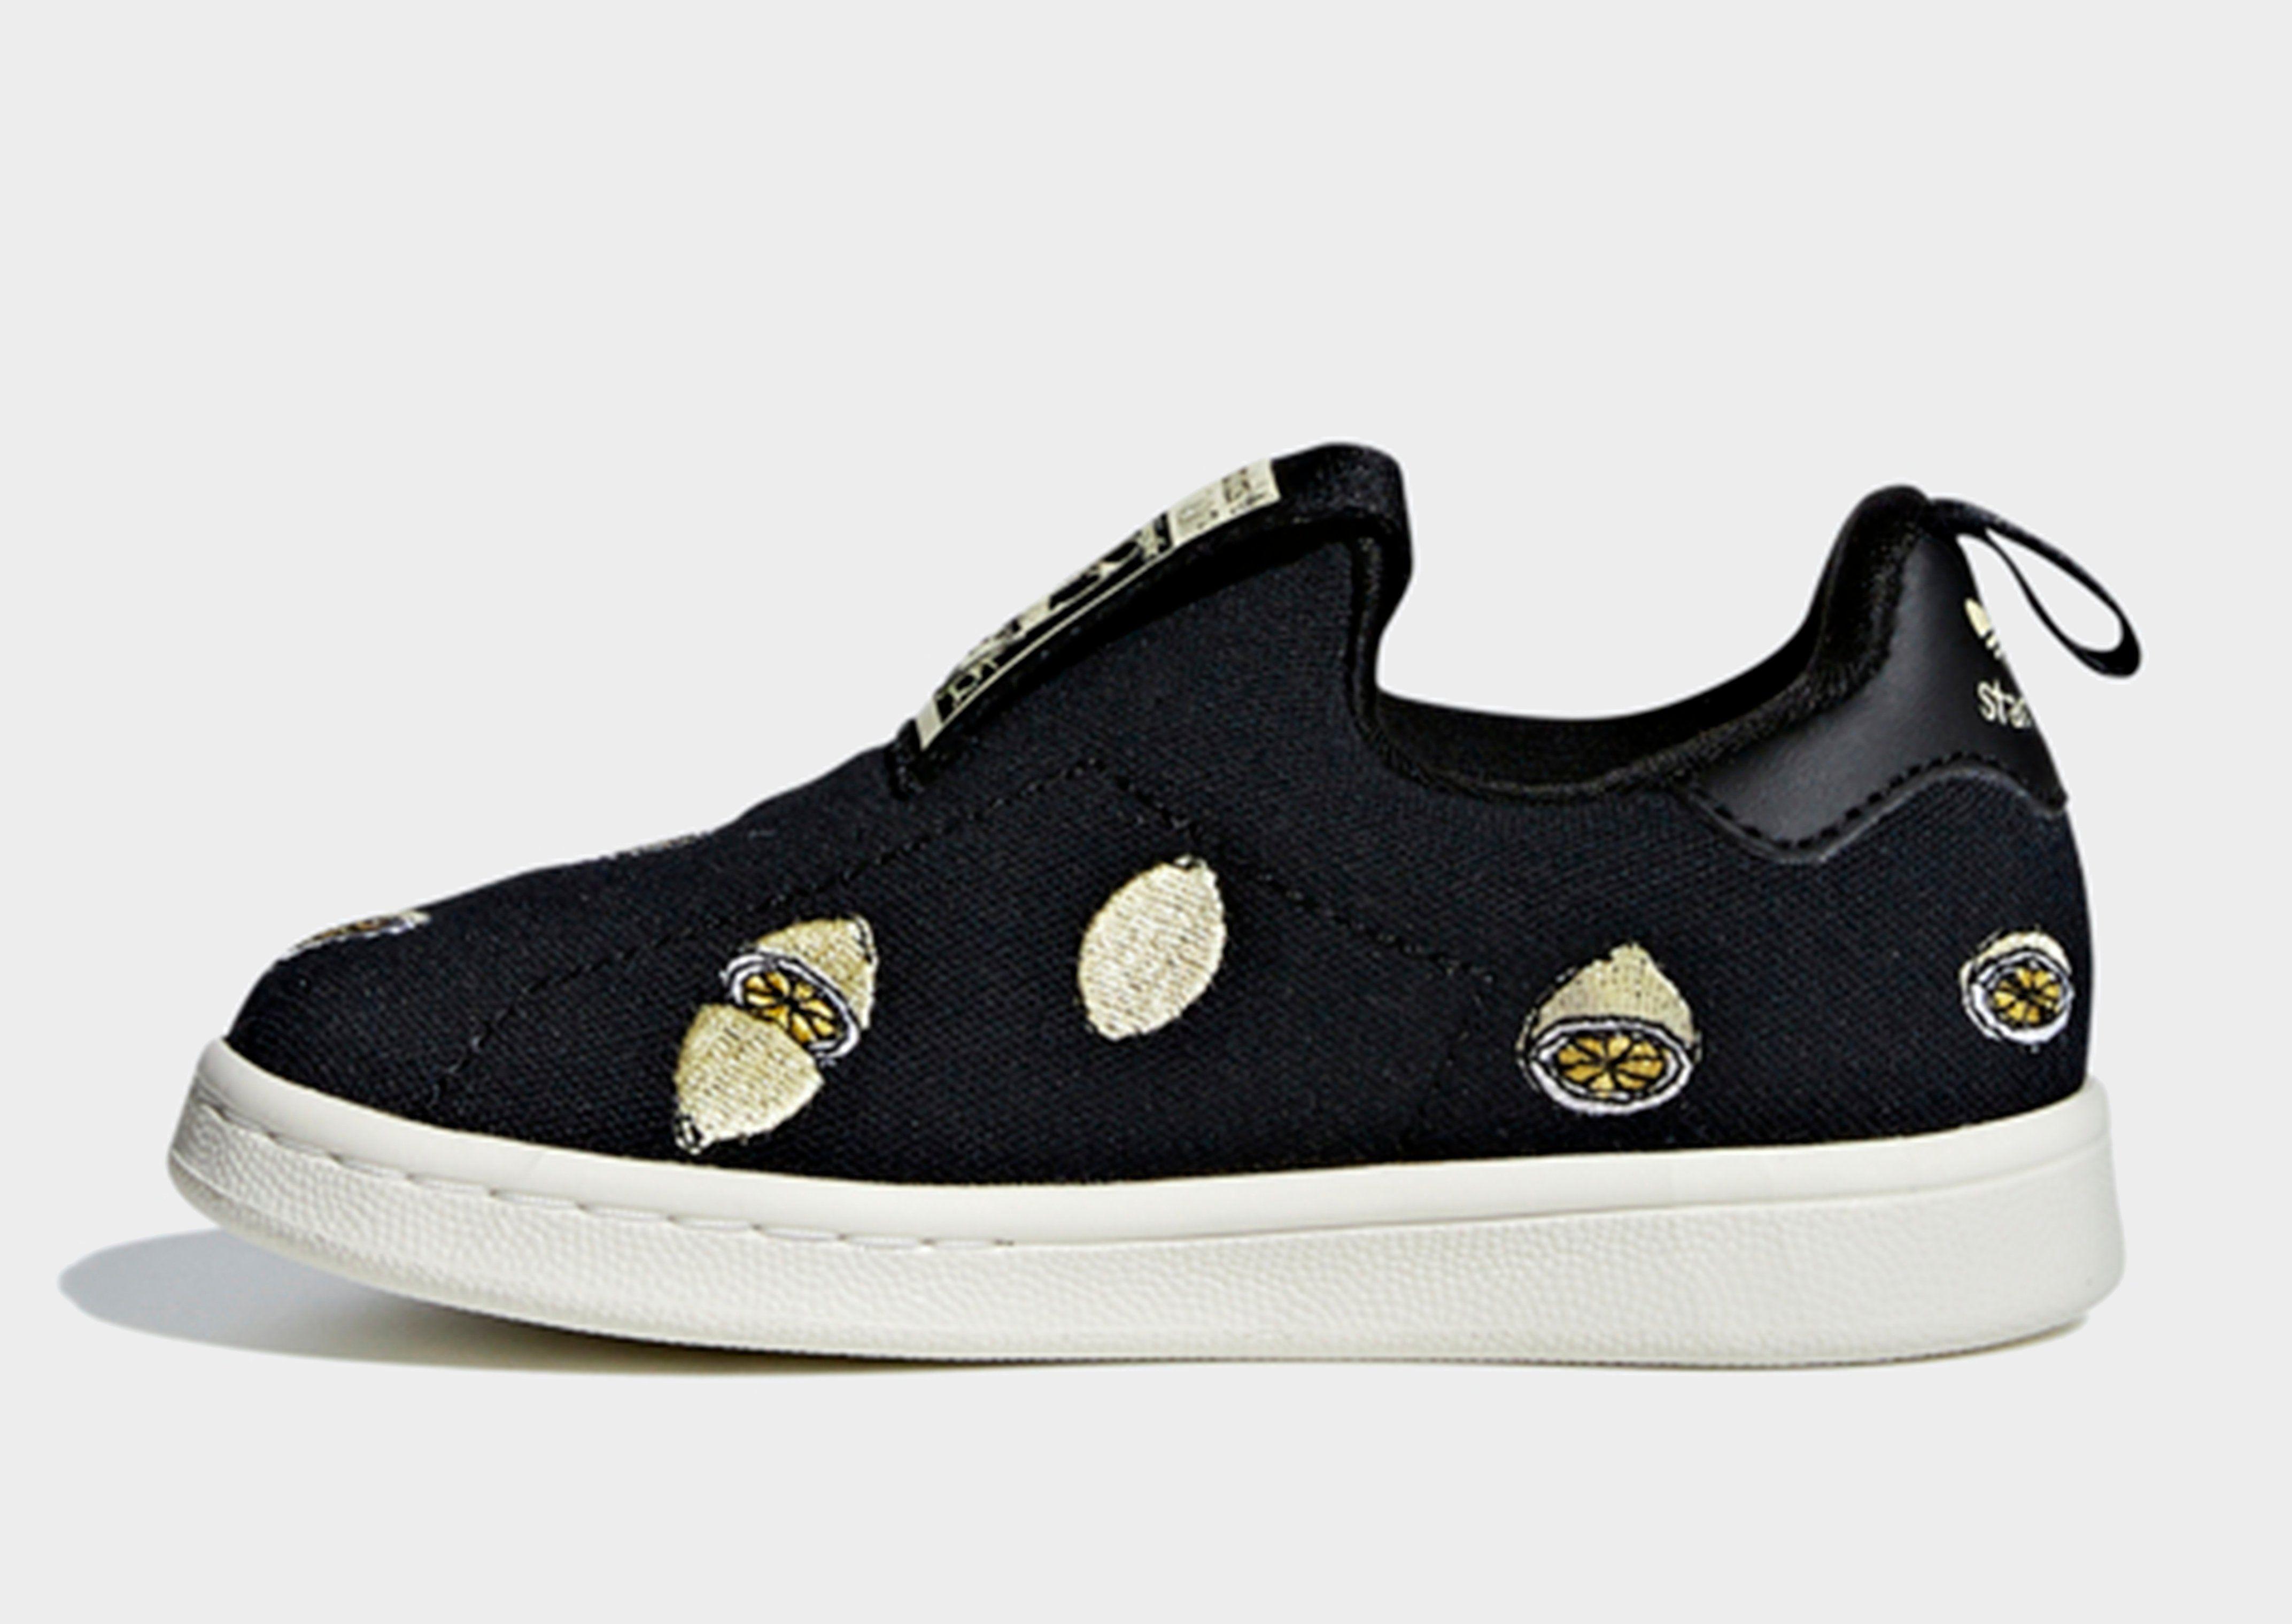 timeless design a6566 4cb8f adidas Originals Stan Smith 360 Shoes